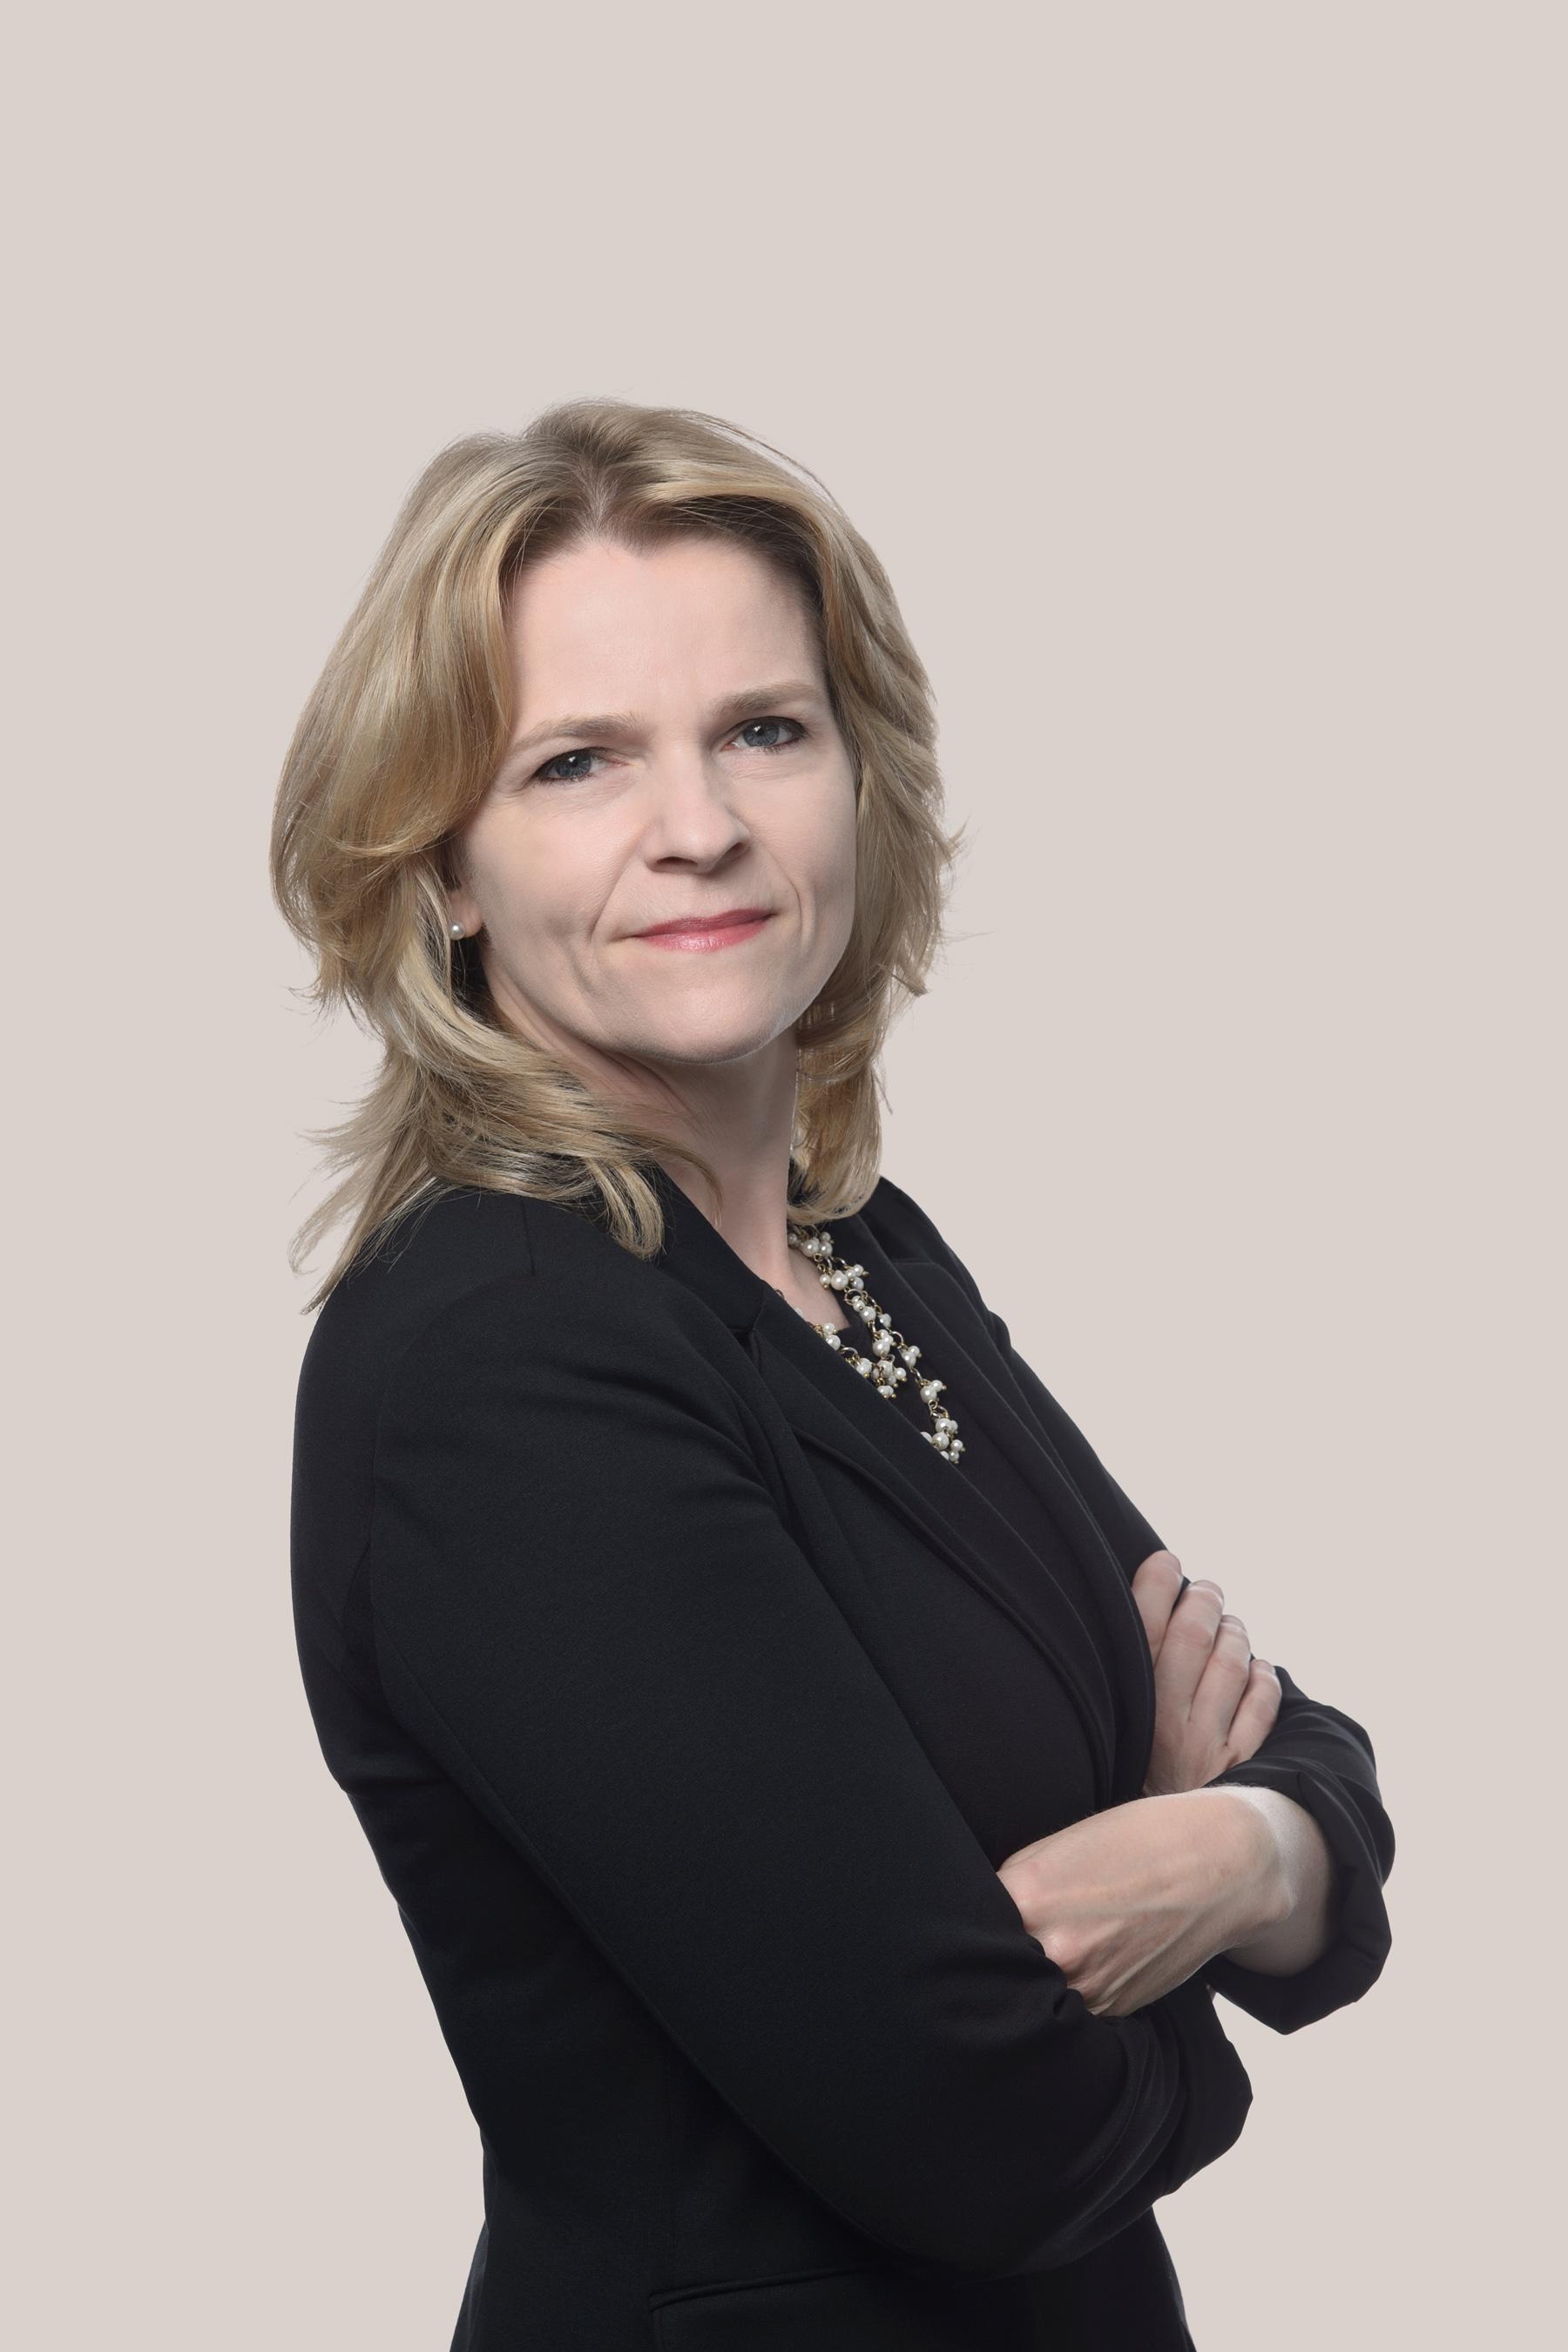 Nicole O'Brian